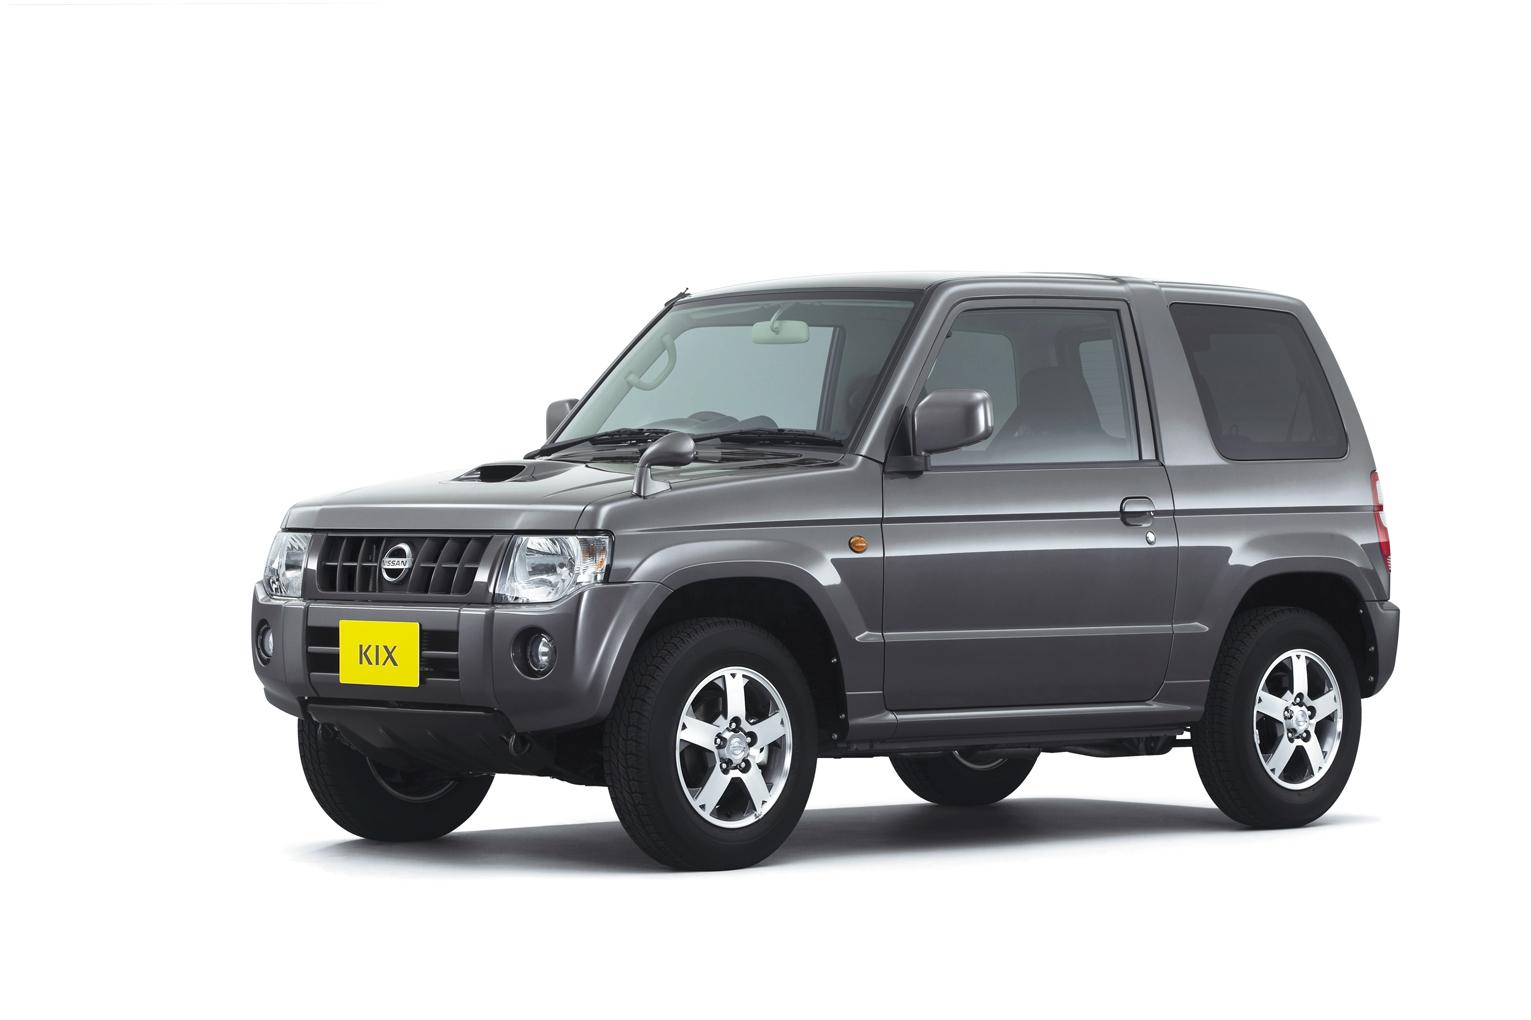 Nissan Kix 2008 - 2012 SUV 3 door #4